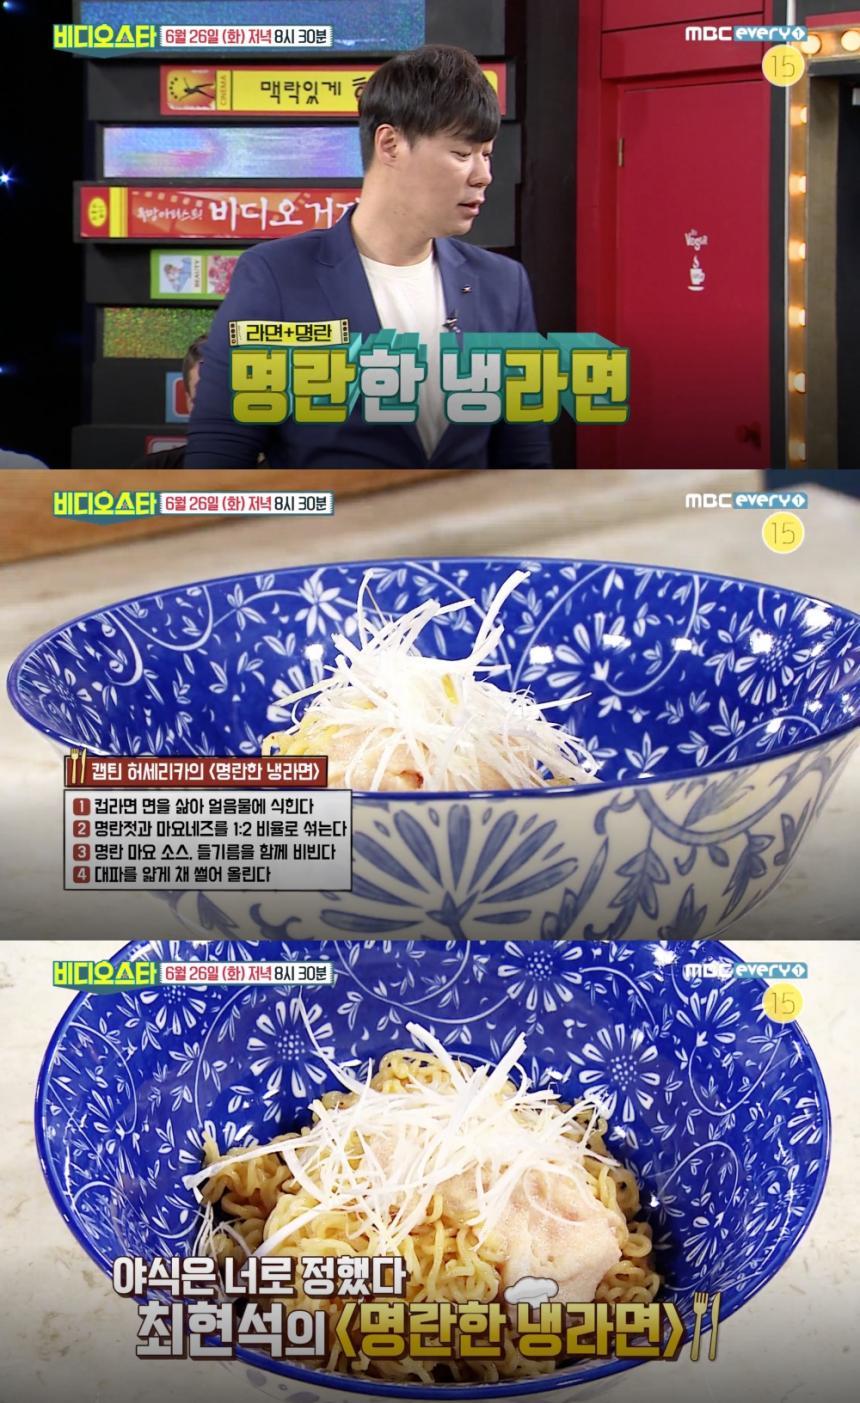 최현석 명랑한 냉라면 / MBC 에브리원 '비디오스타' 네이버 TV캐스트